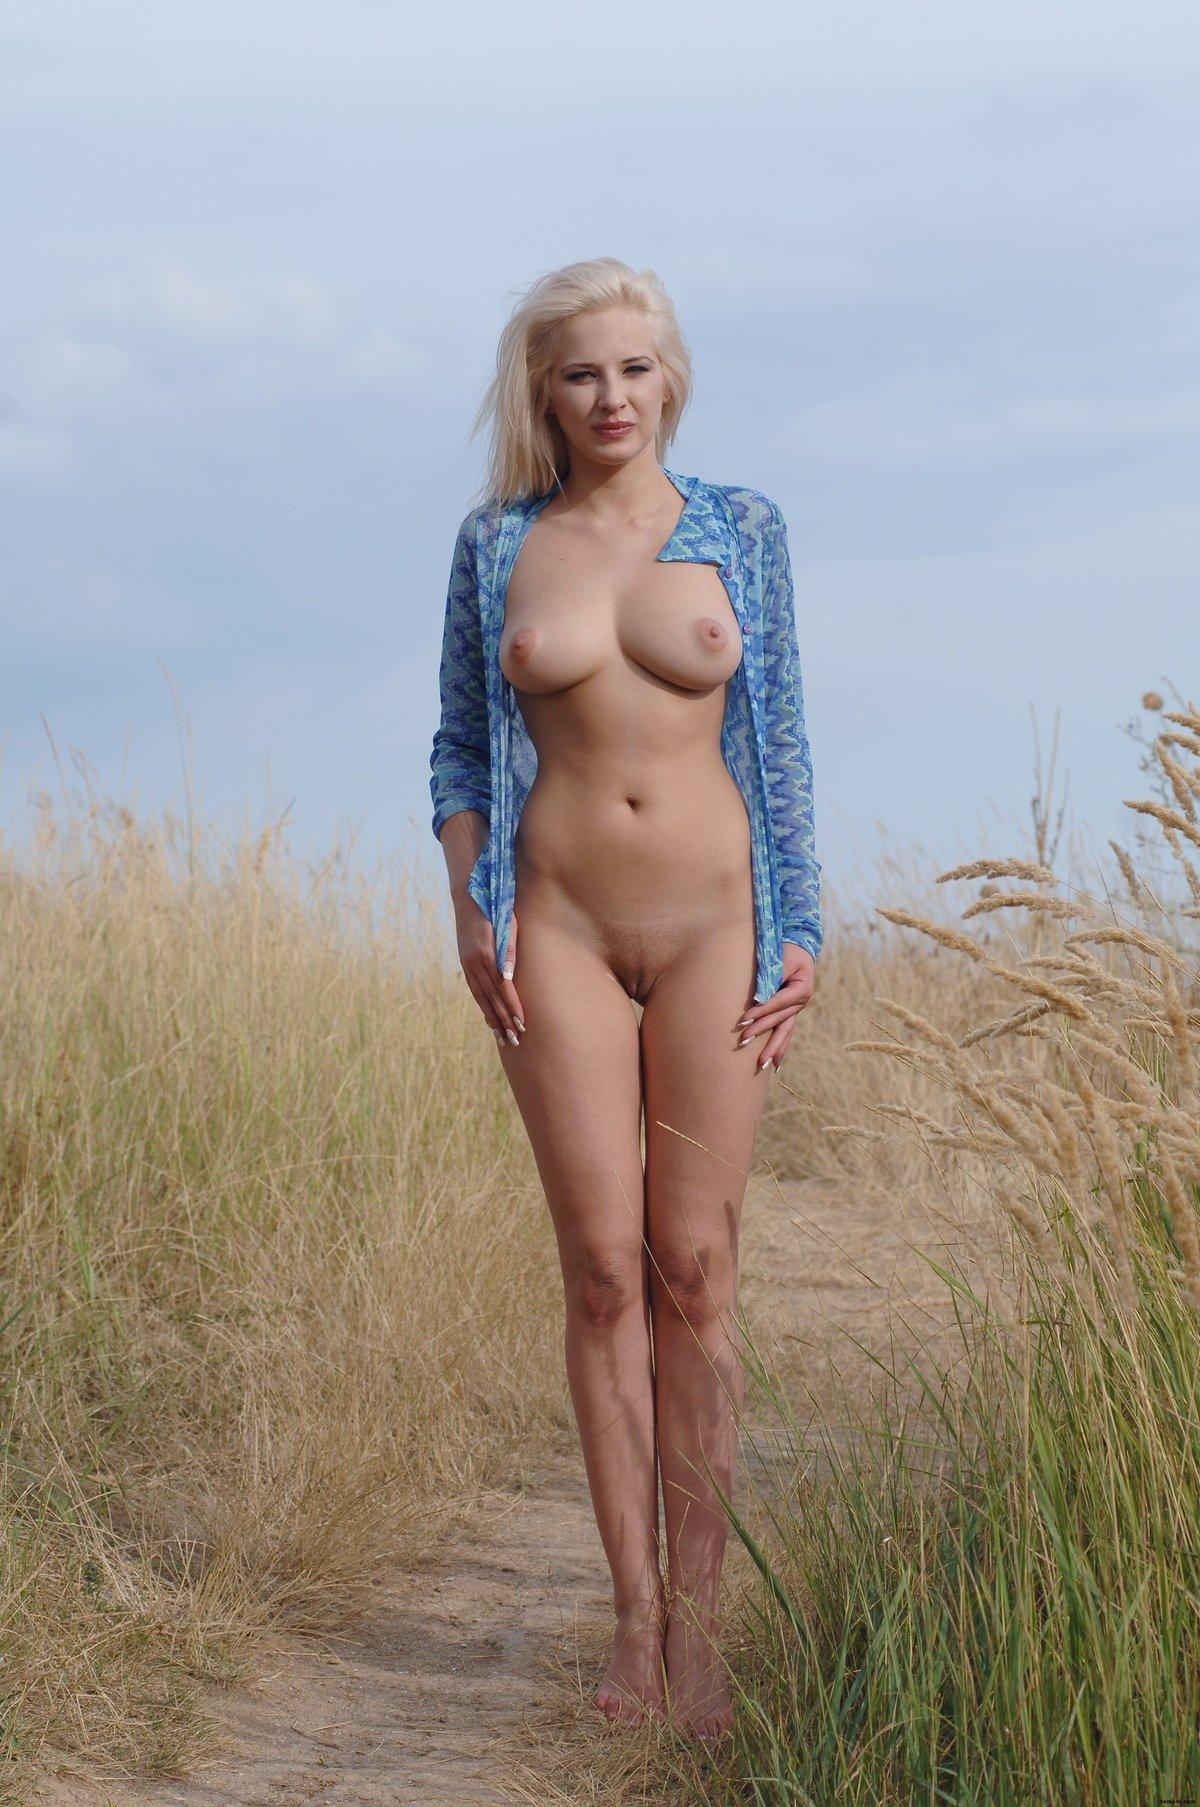 Картинках хорошенькой голенькой блондиночки в поле